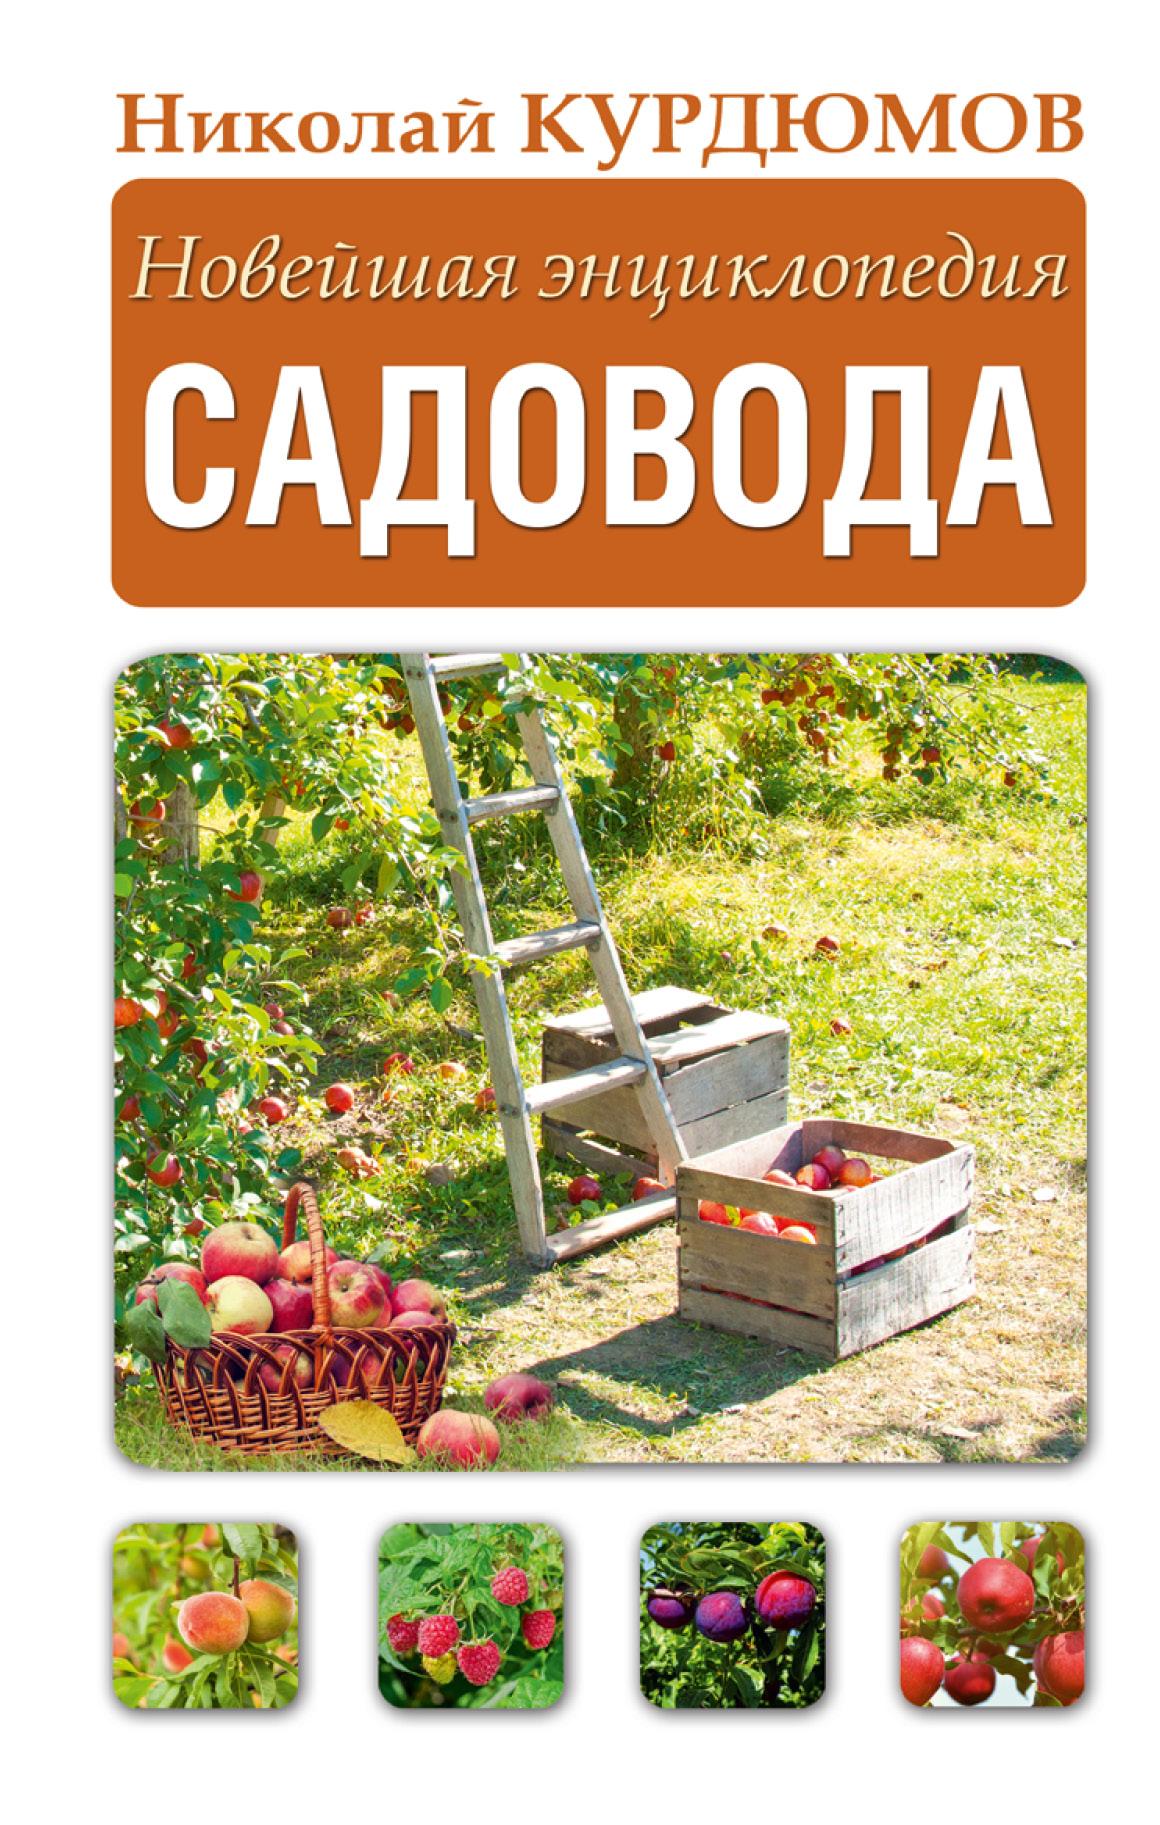 Новейшая энциклопедия садовода. Курдюмов Николай Иванович